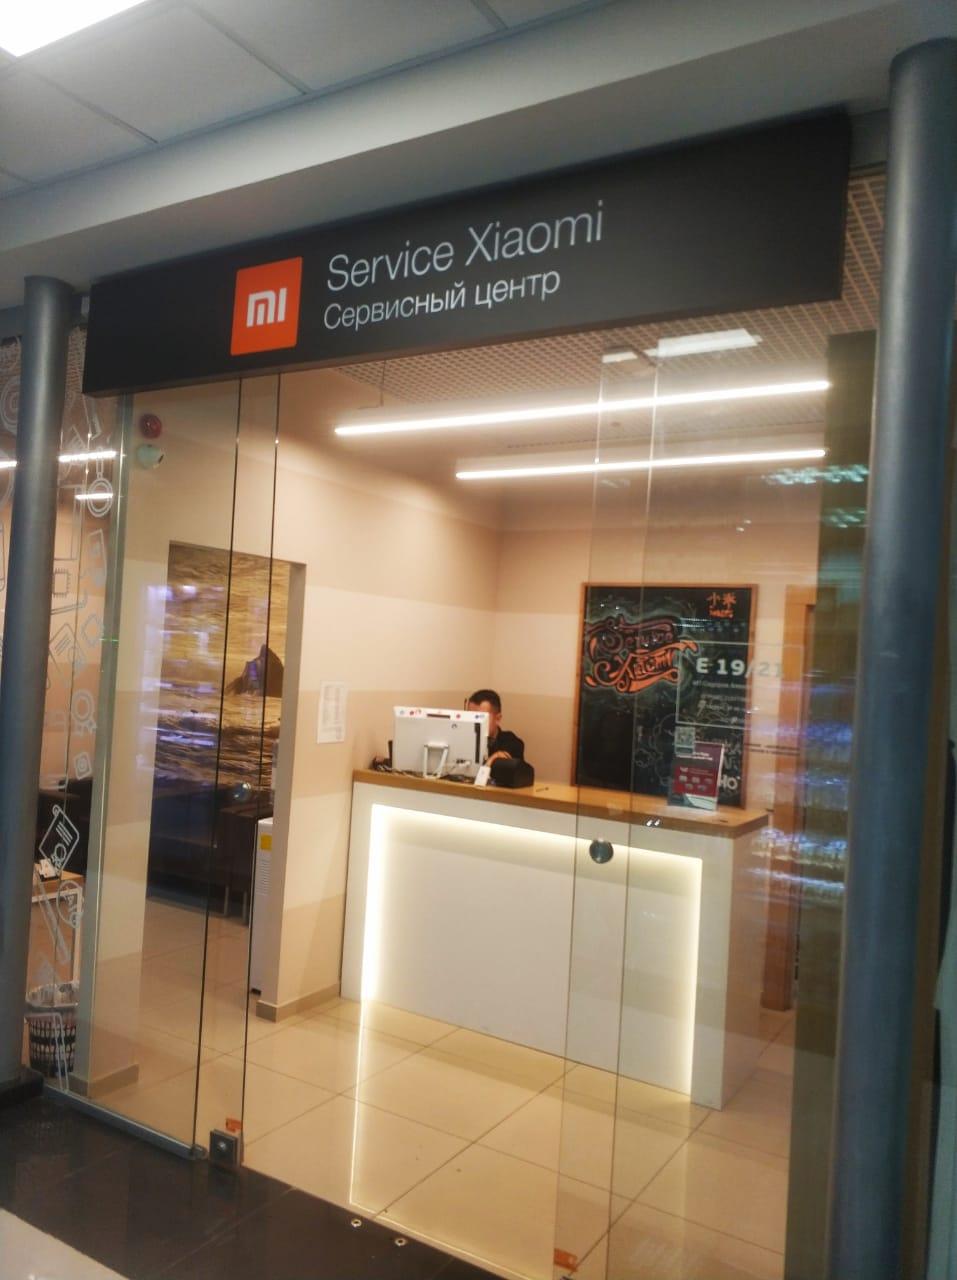 Сервис Xiaomi